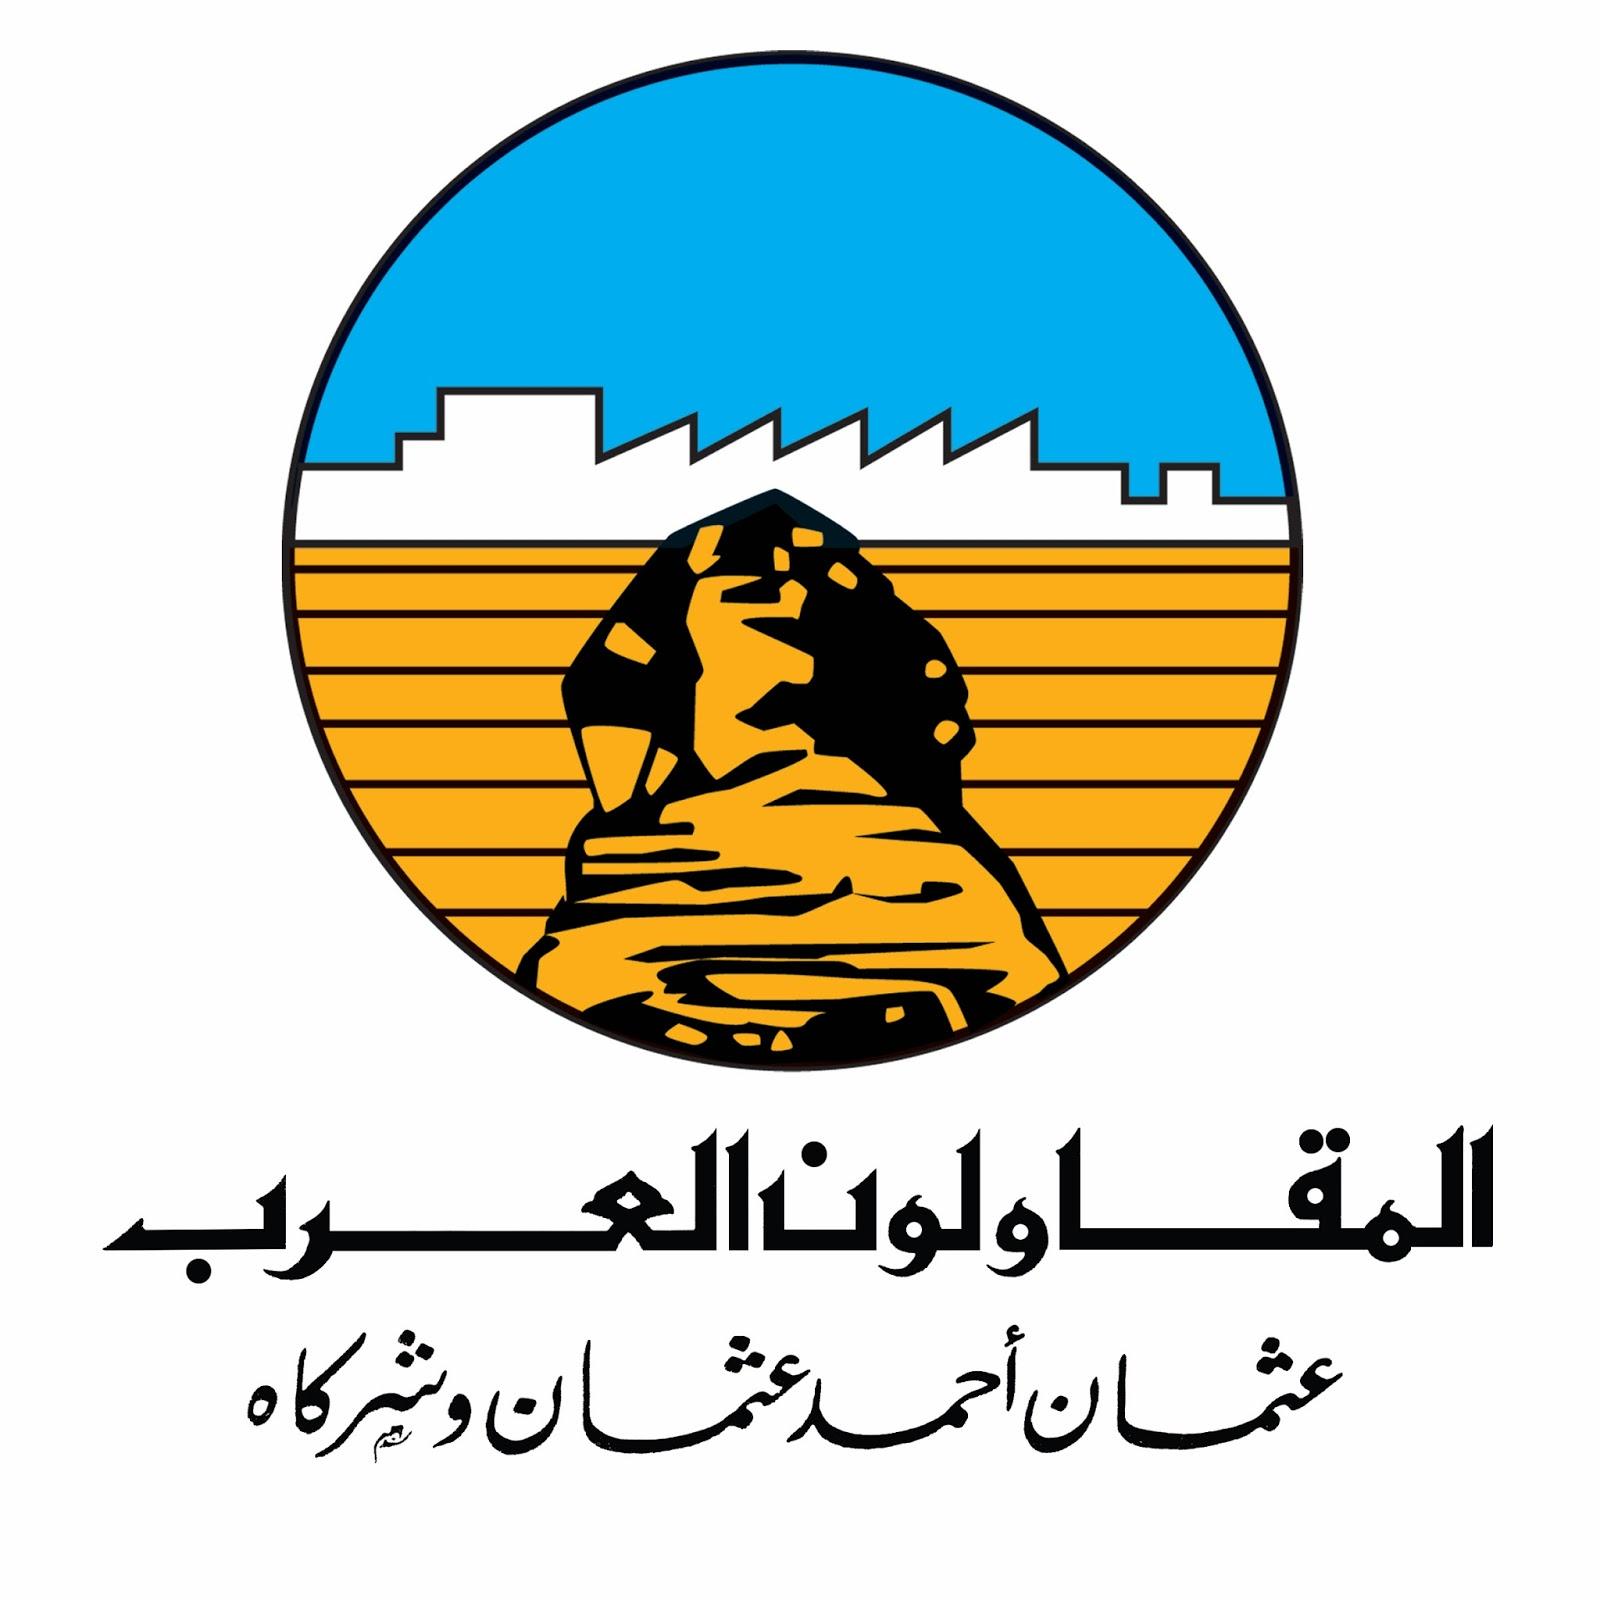 وظائف خالية فى شركات عثمان احمد عثمان فى مصر 2020